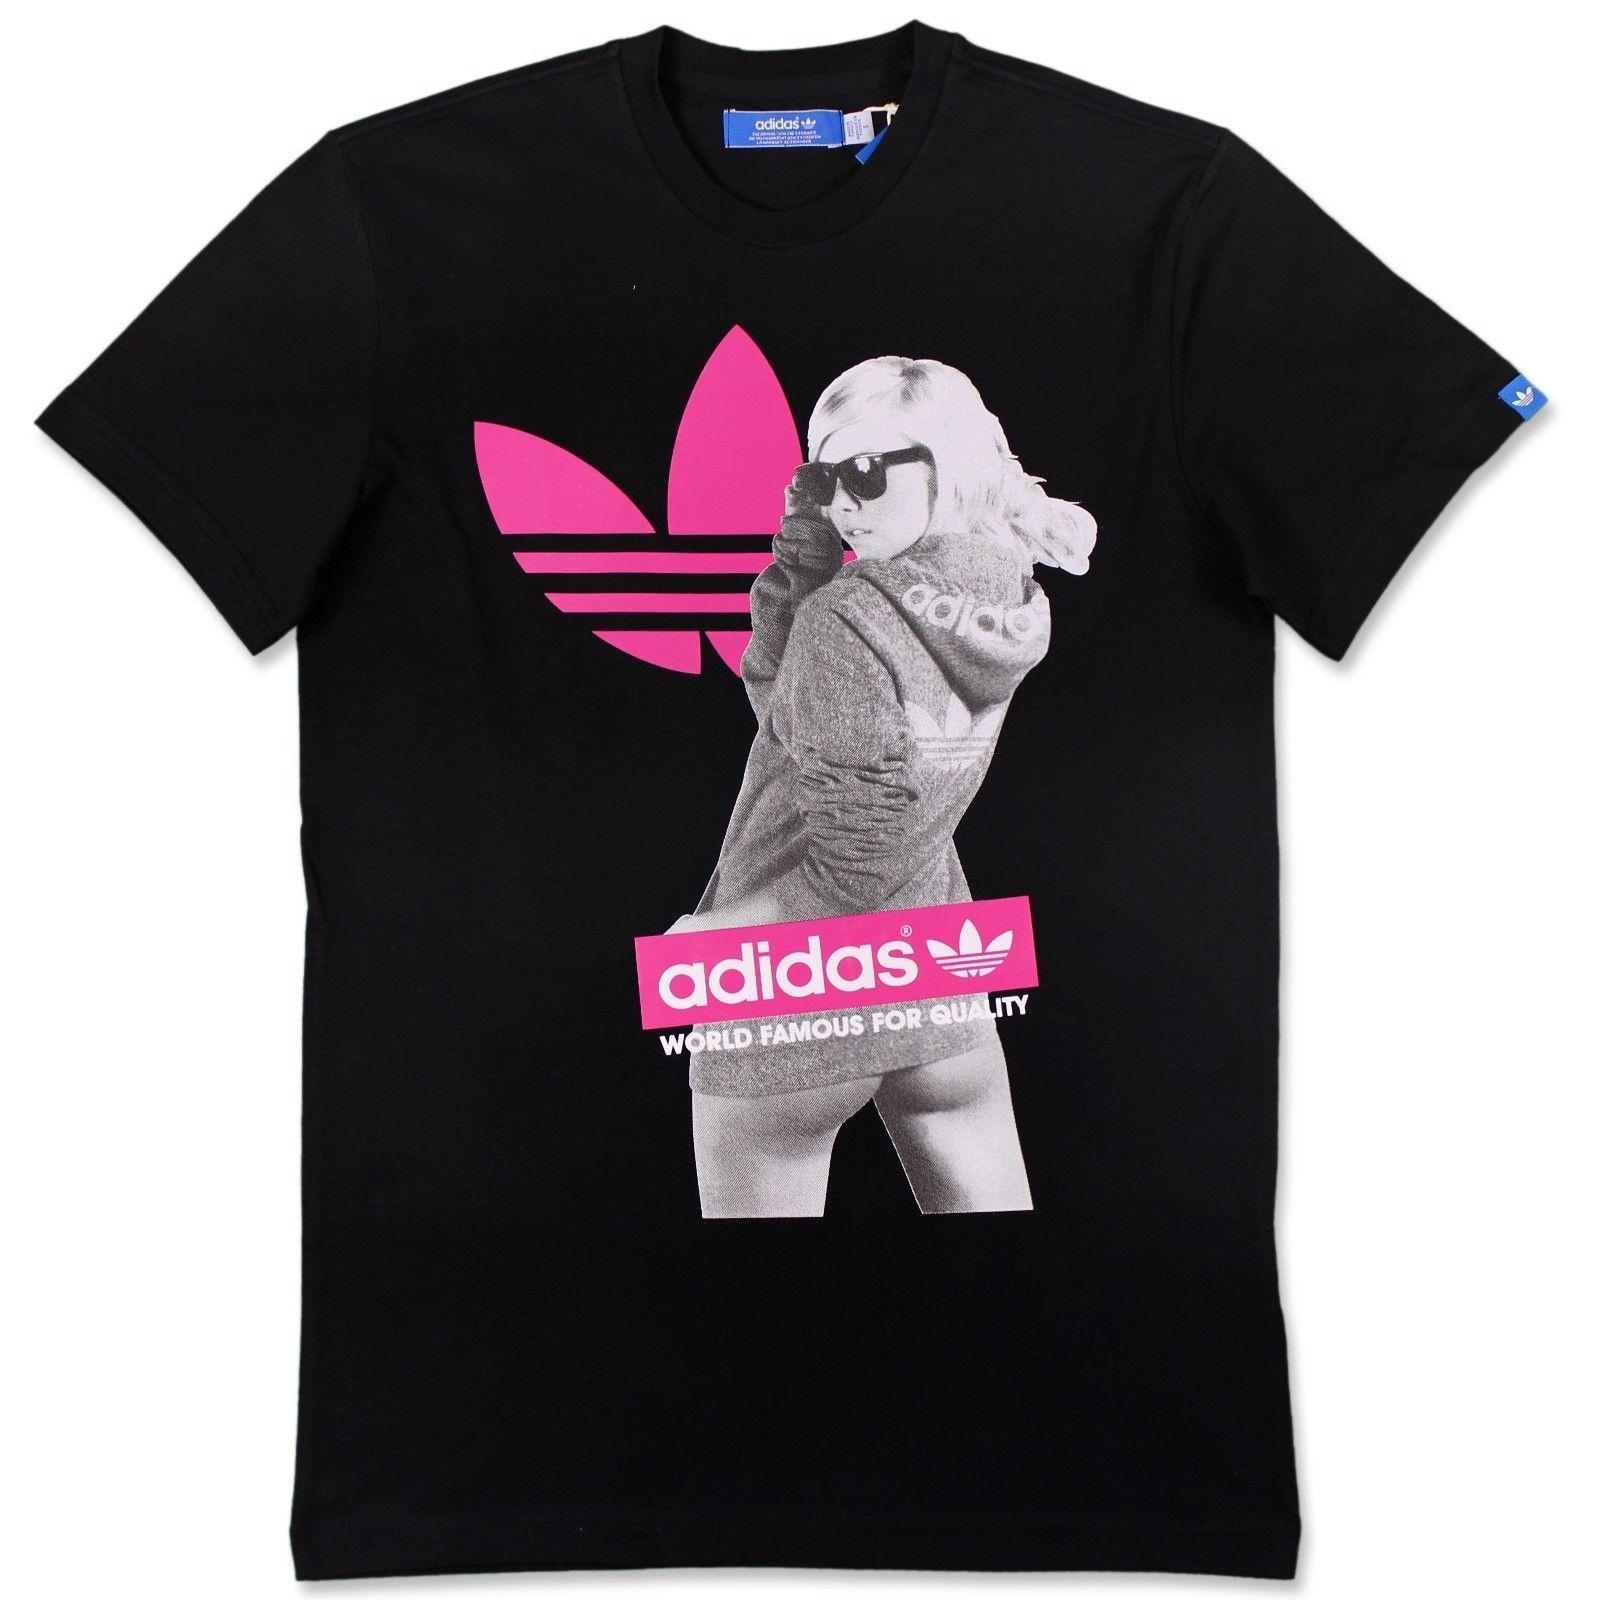 f4147326905d Acquista Originals Graphic Tee Girl Trefoil T Shirt Il Tempo Libero Da Uomo  T Shirt Moda Uomo T Shirt Casual T Shirt Il Tempo Libero In Cotone Tops A  $18.38 ...